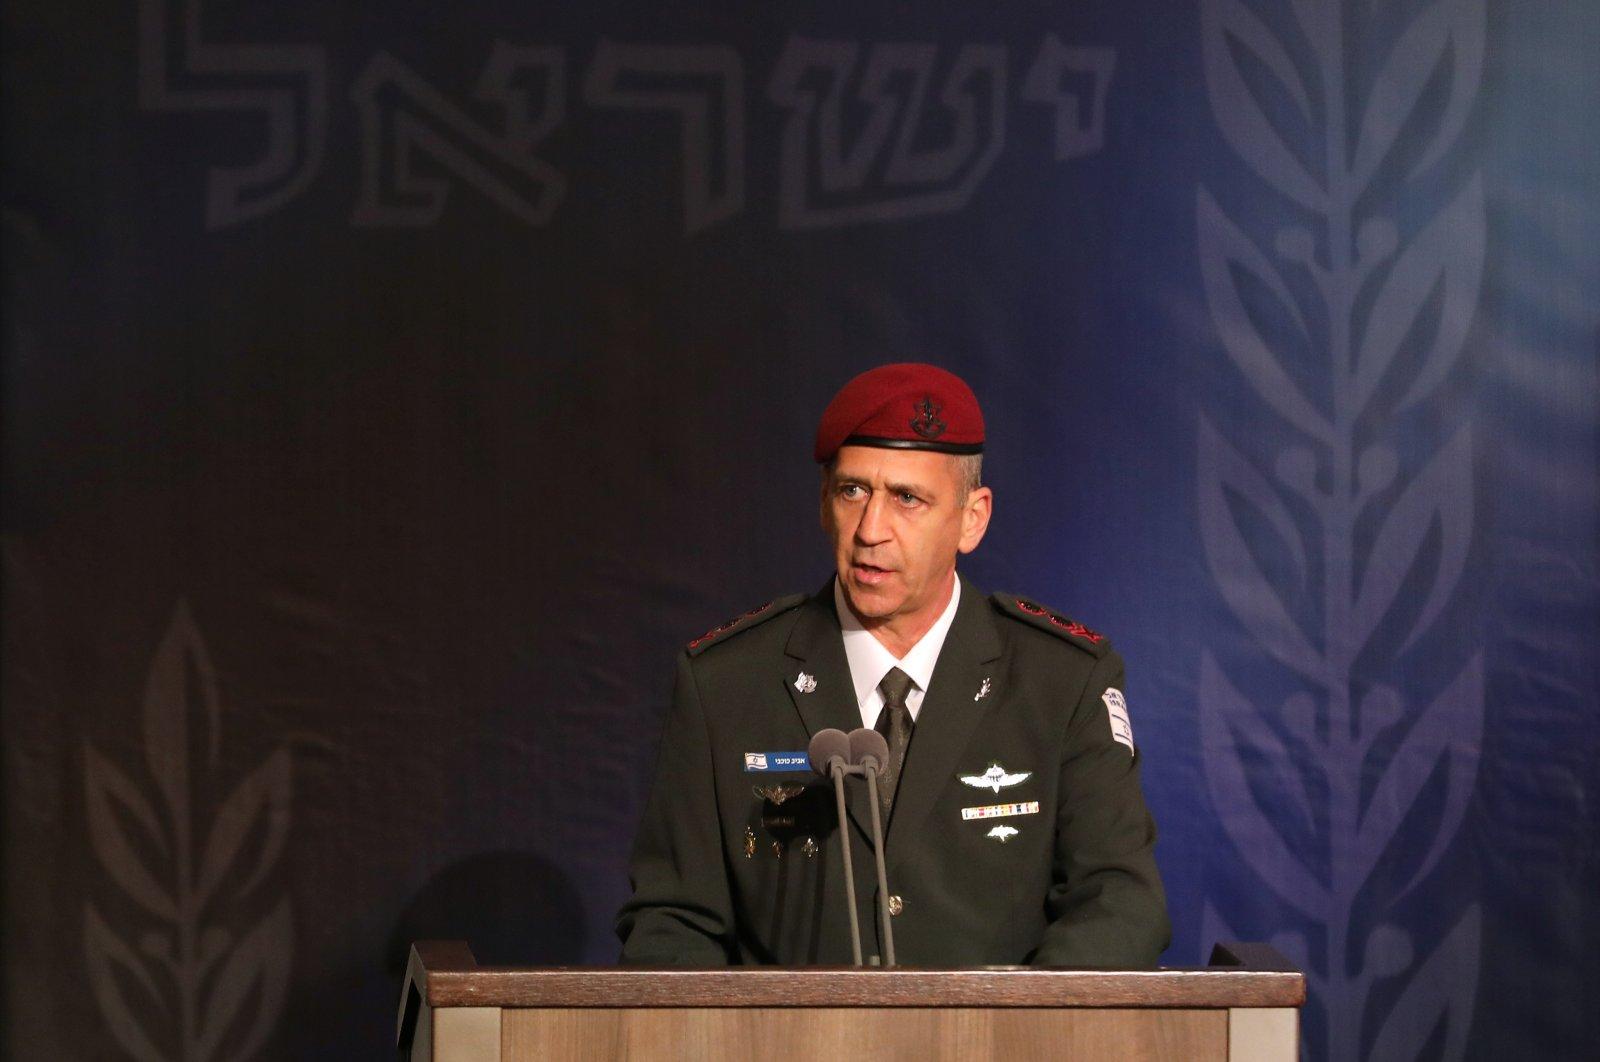 Lt. Gen. Aviv Kohavi Aviv Kohavi speaks during a ceremony whereby at the Defense Ministry in Tel Aviv, Israel, Jan. 15, 2019. (Reuters Photo)